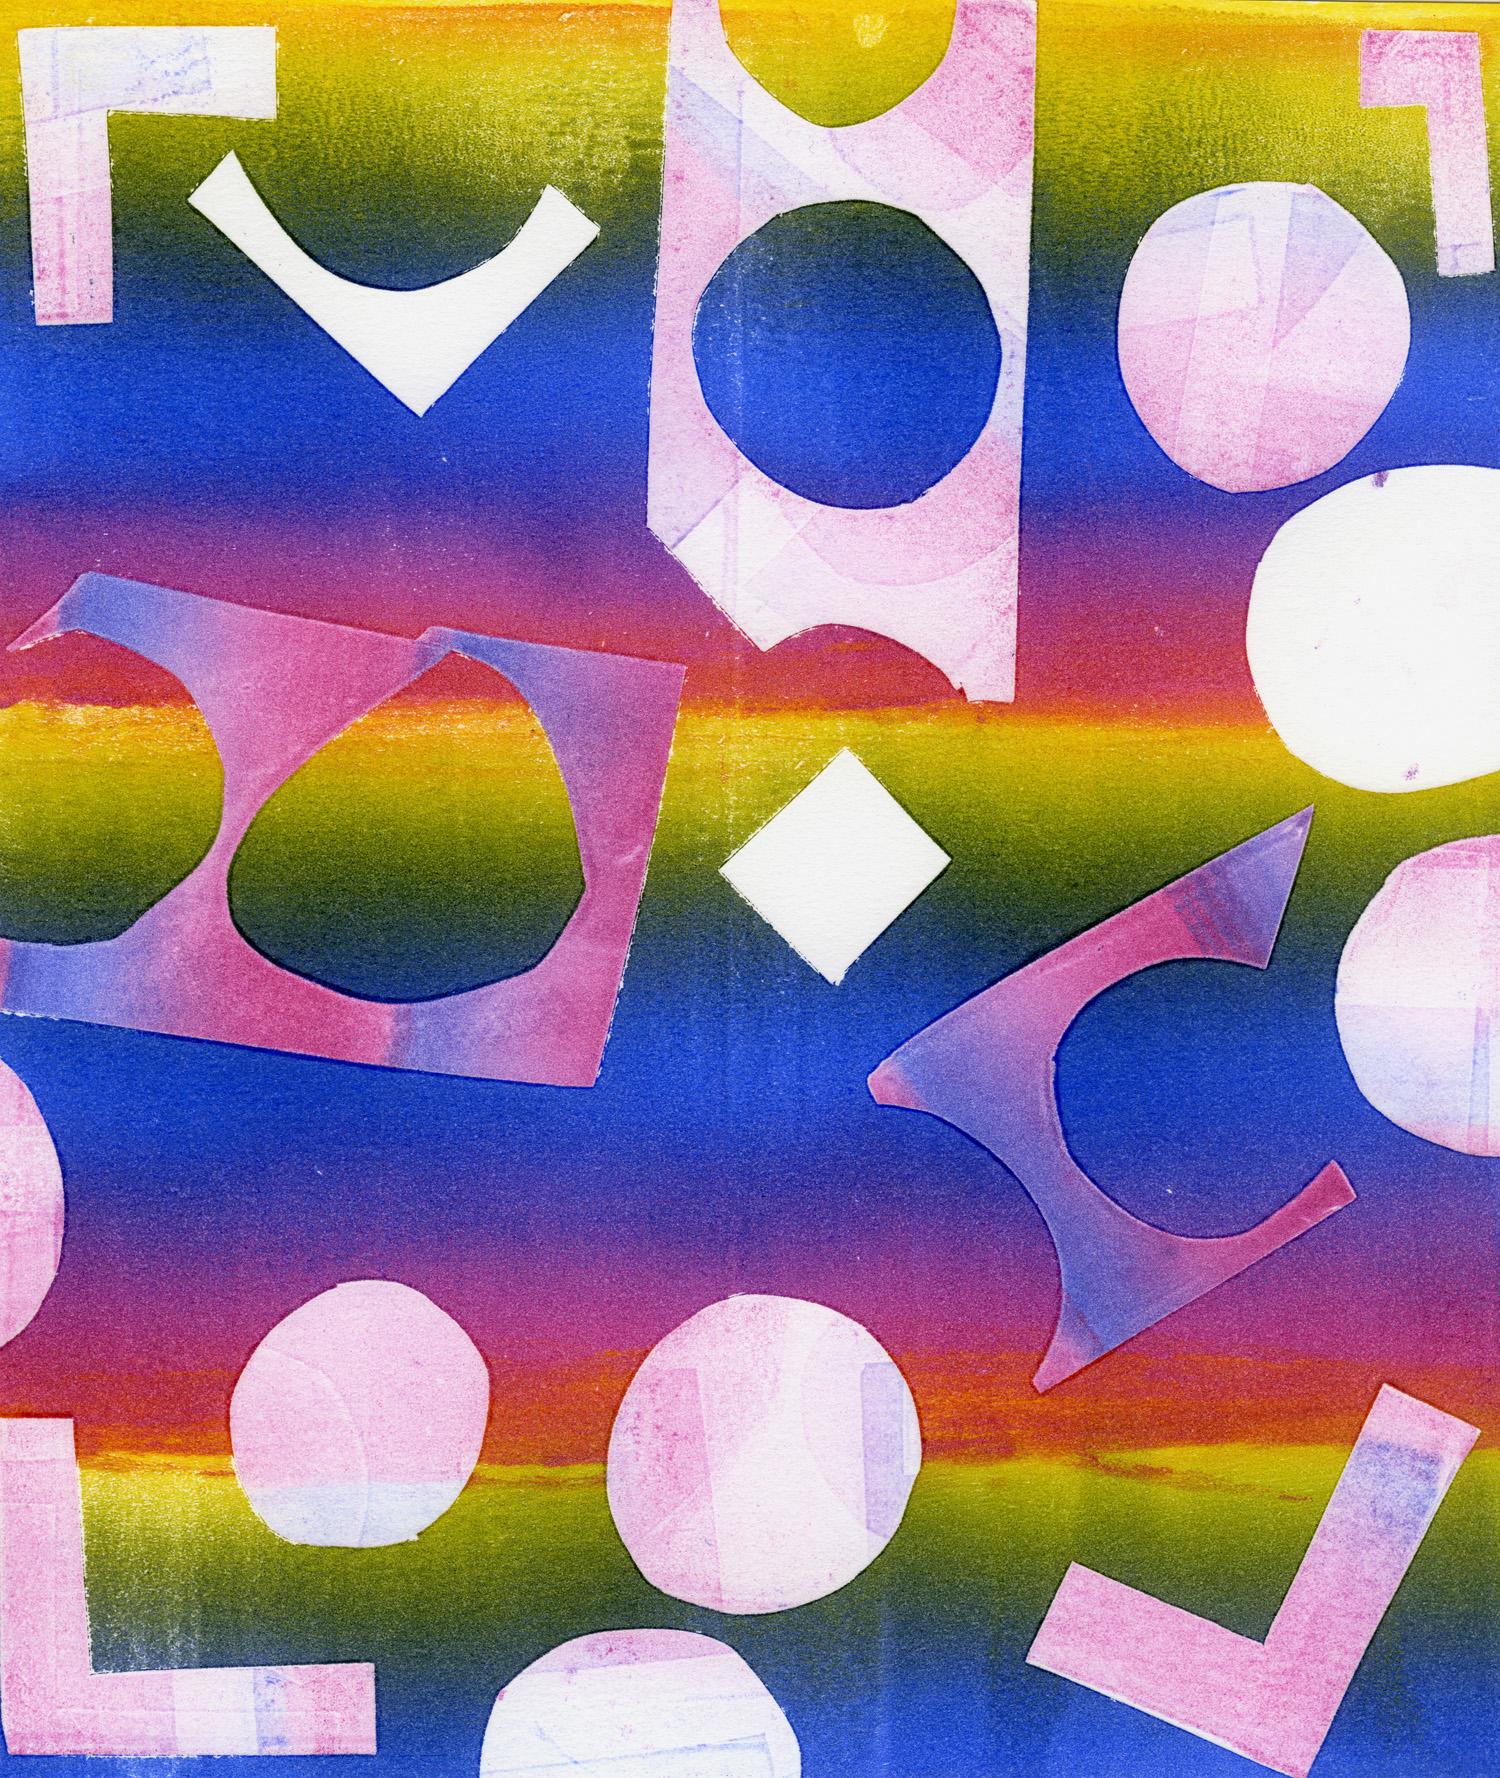 Untitled Rainbow Stripes